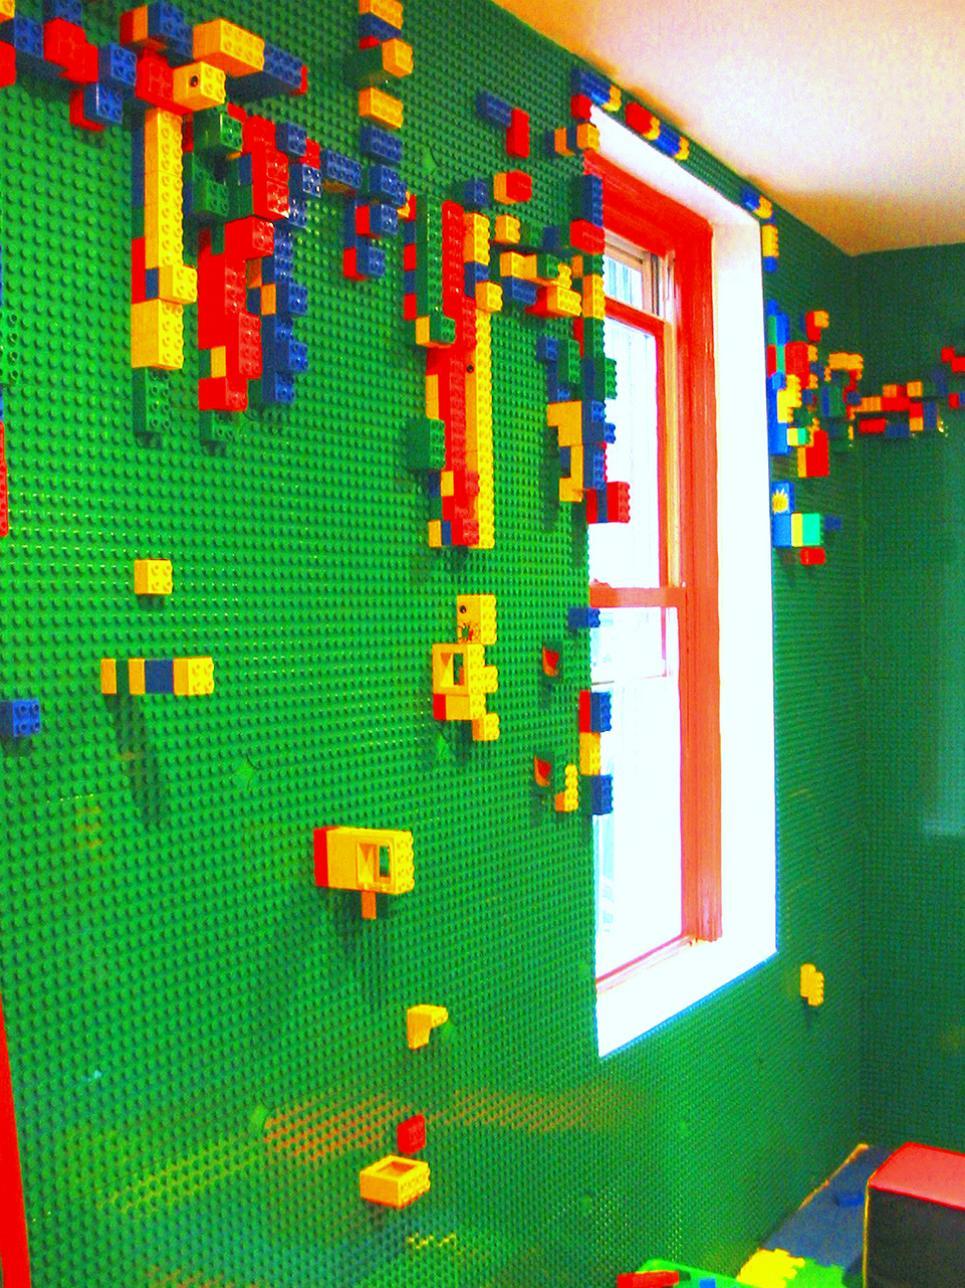 Install a LEGO wall